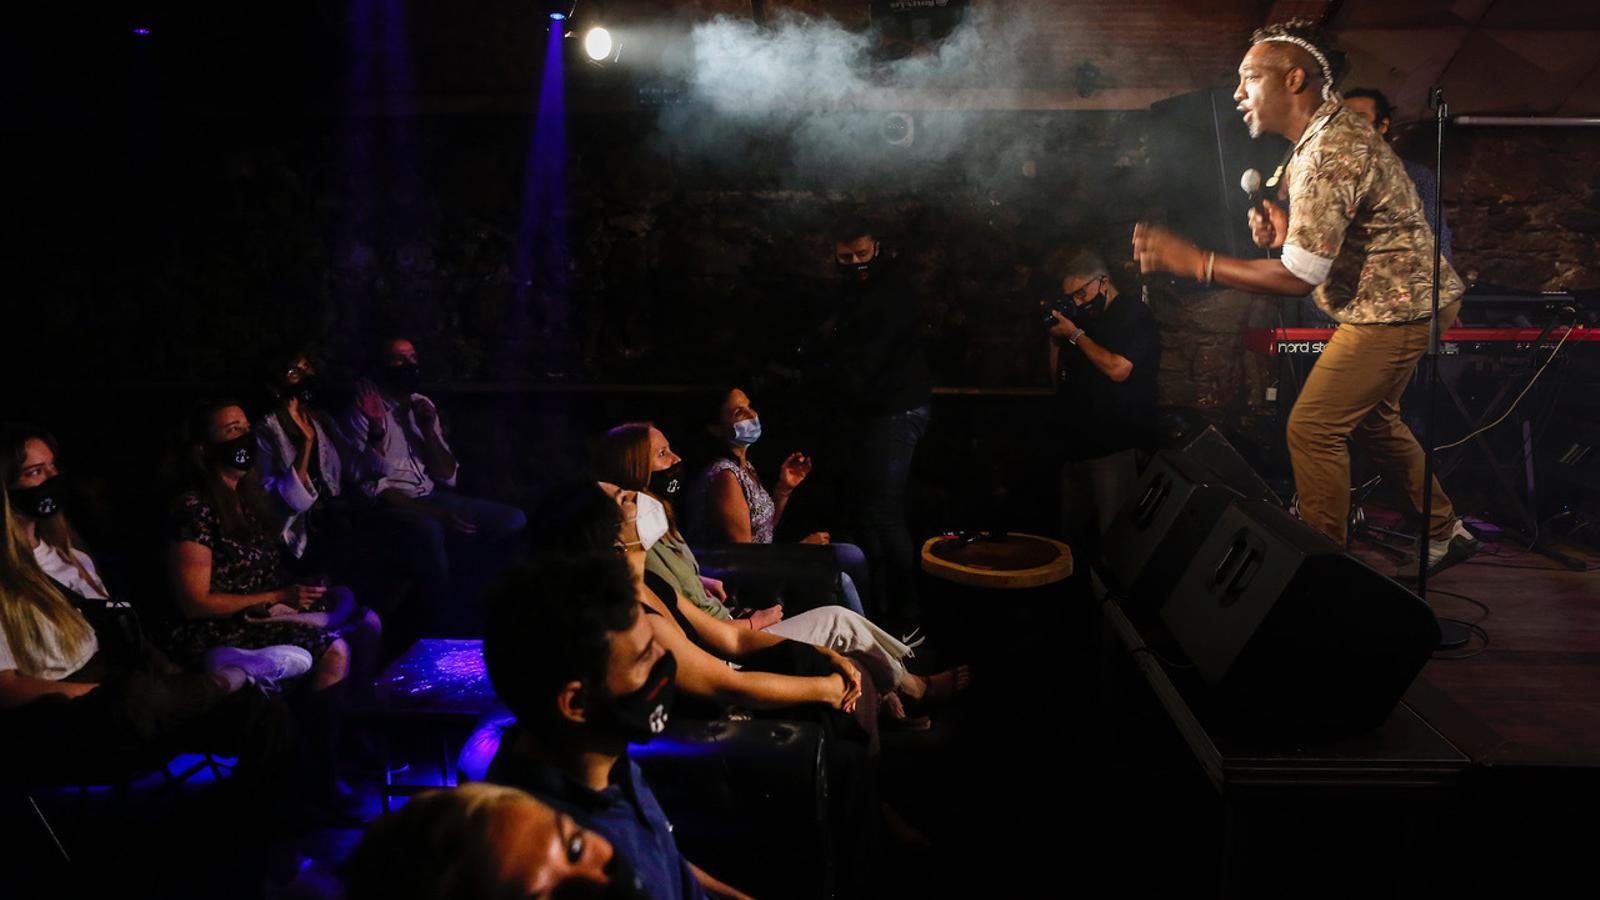 Públic amb mascareta en el concert de la Clarence Bekker Band al Jamboree.